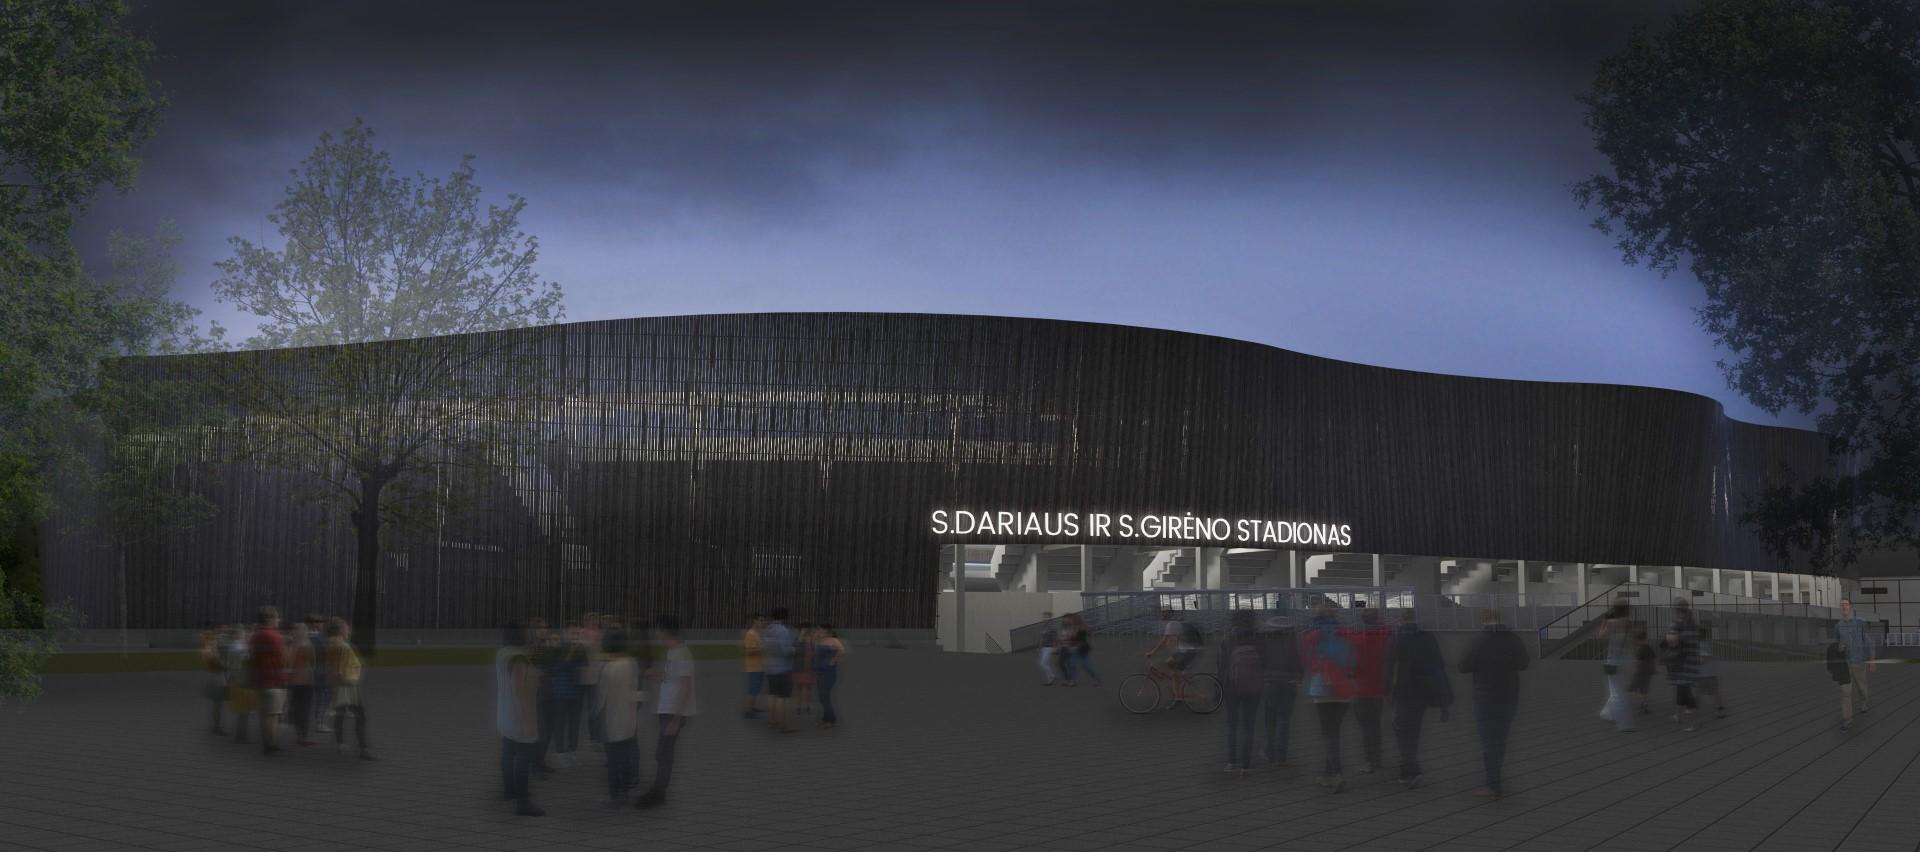 S. Dariaus ir S. Gireno Sporto Centras